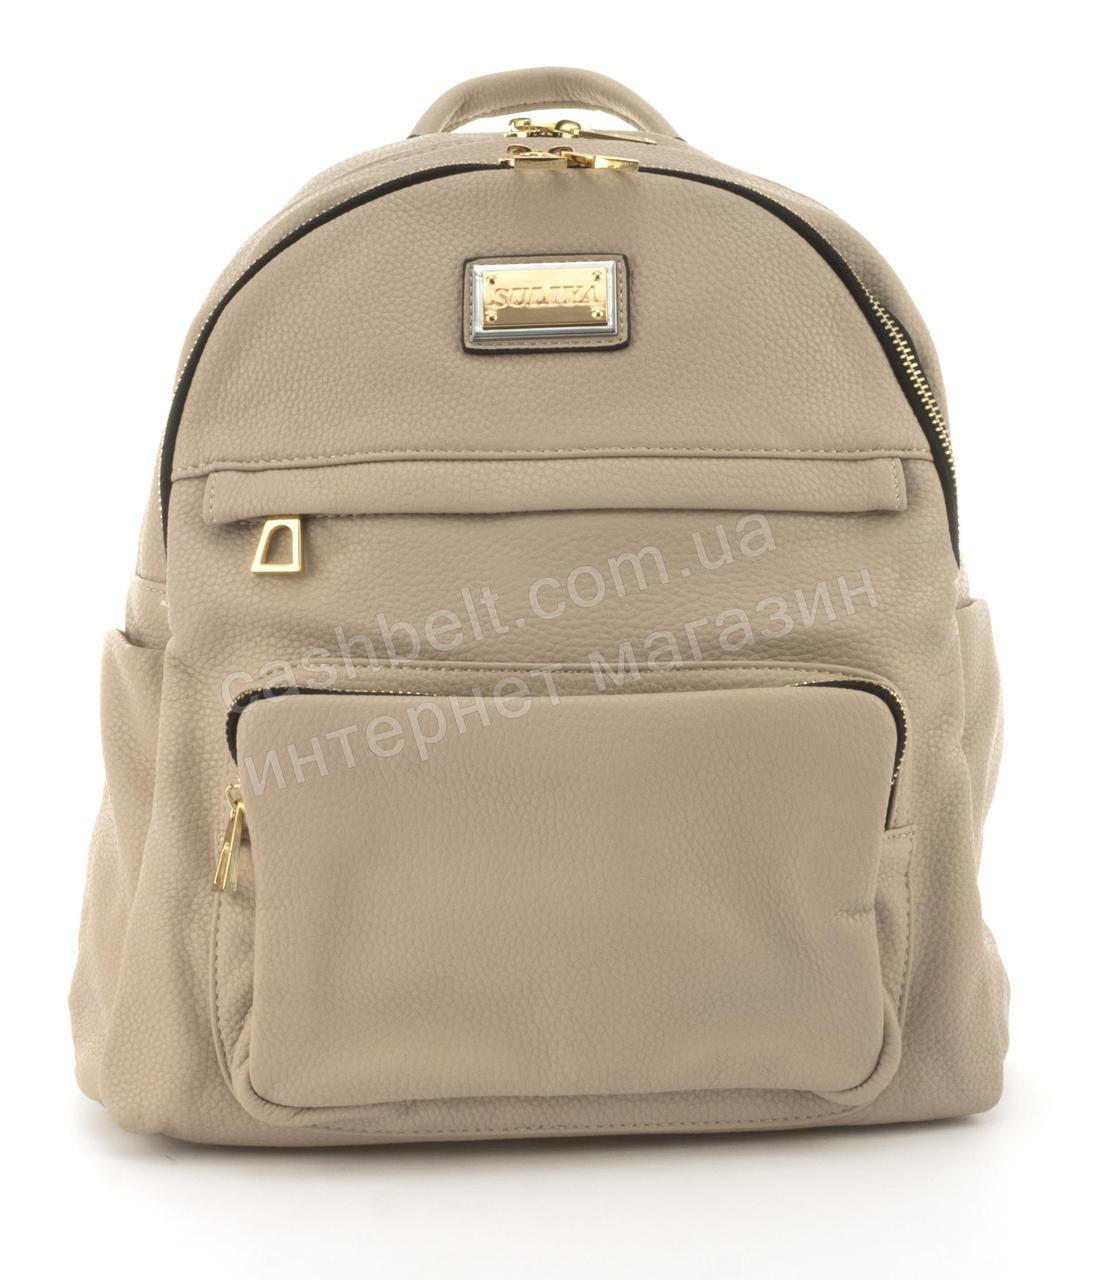 Прочный и надежный рюкзачок среднего размера из эко кожи Suliya art. 7092 хаки